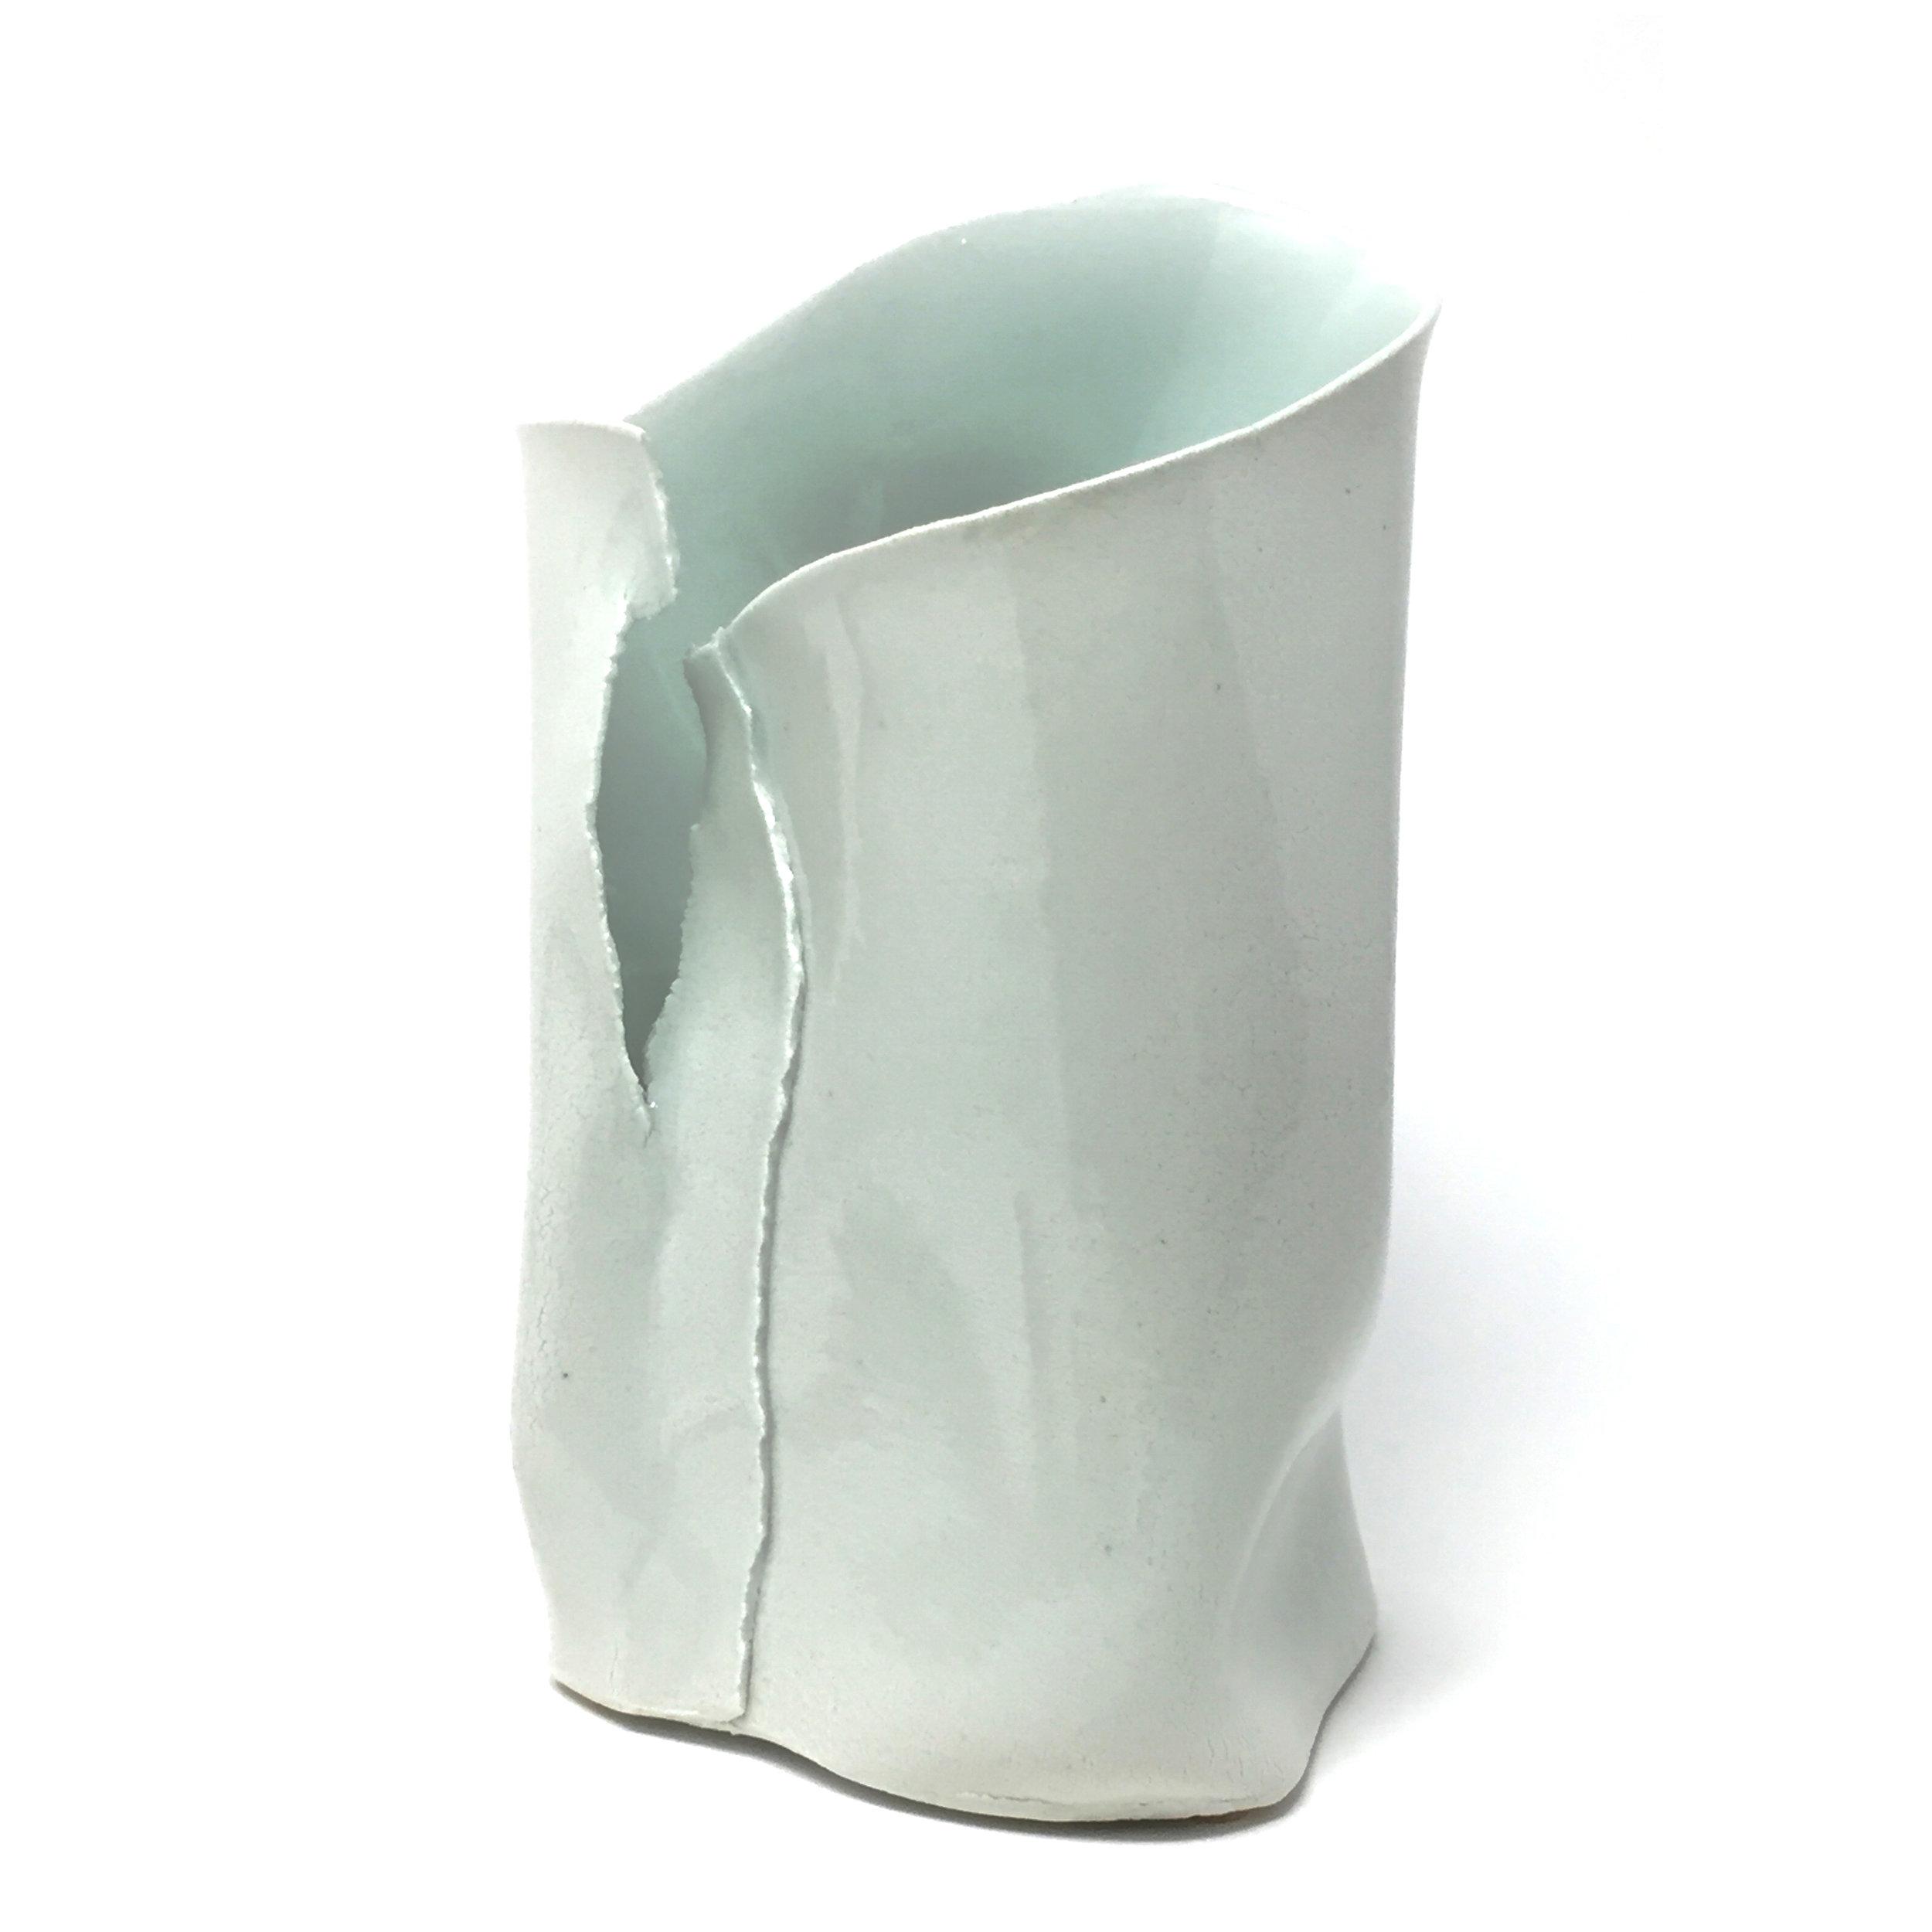 tear porcelain_8 55_03.JPG